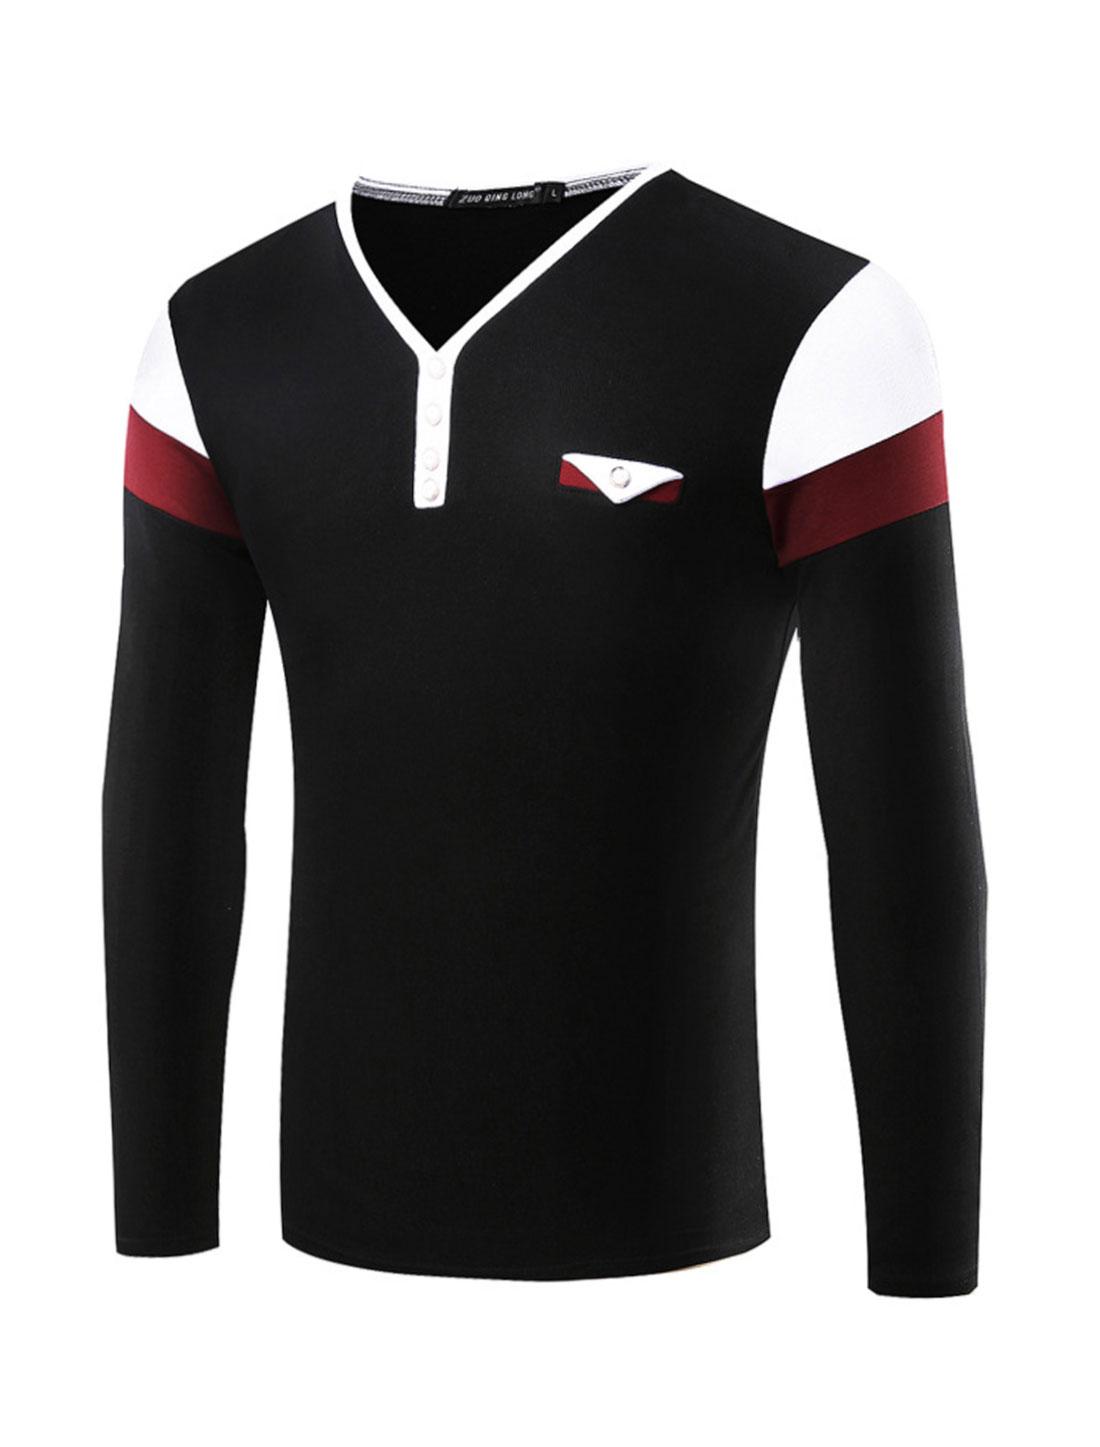 Man Y Neck Buttons Decor Contrast Color Tee Shirt Black M